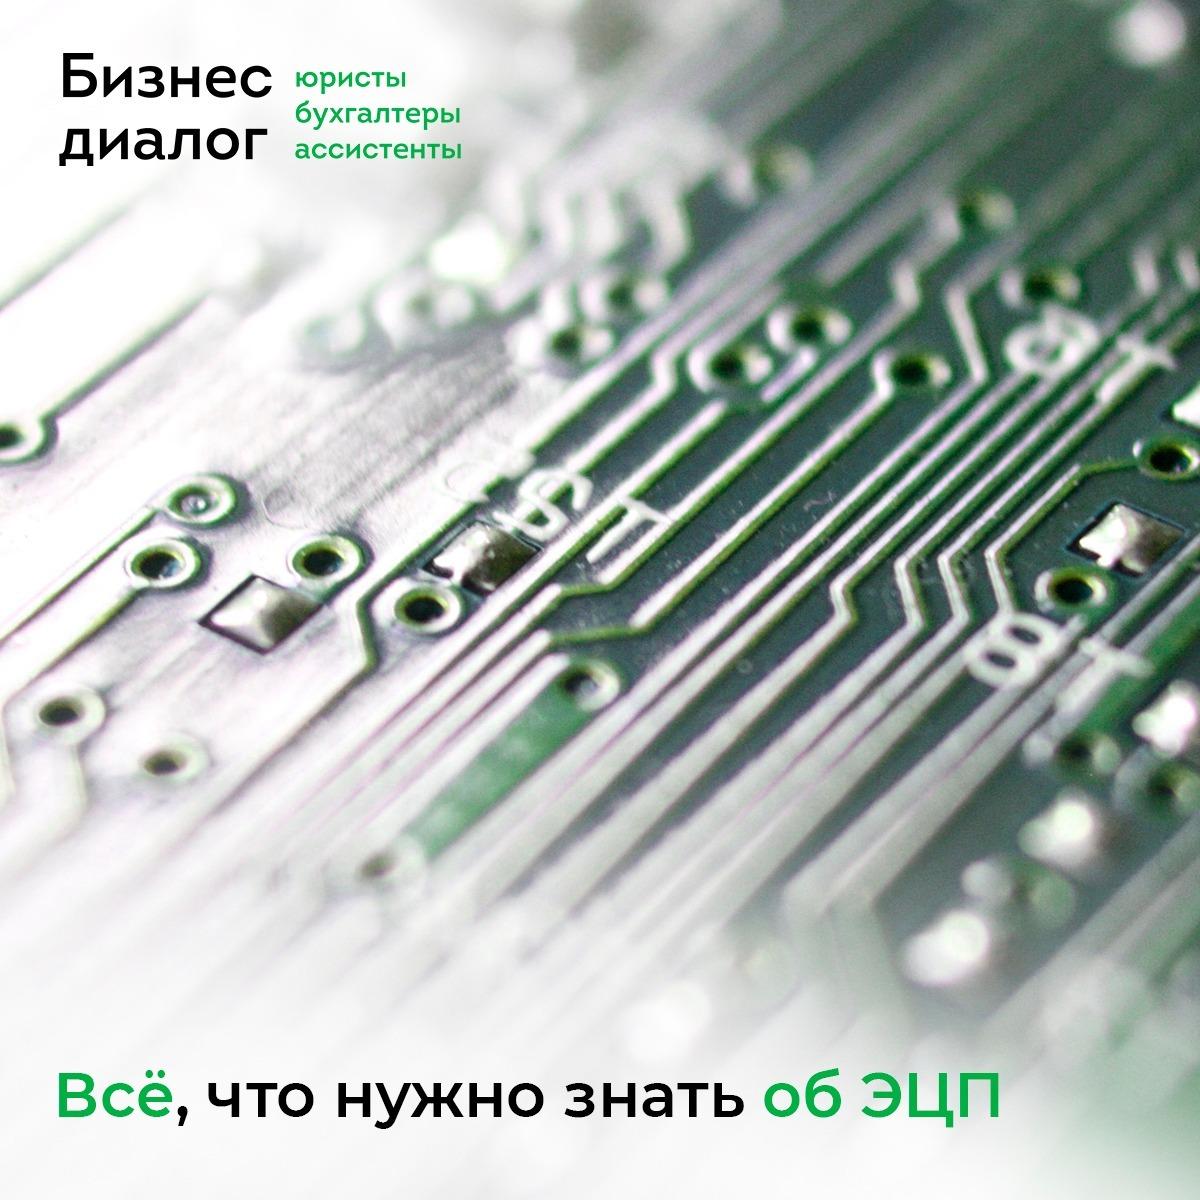 Всё, что нужно знать об ЭЦП. Бизнес диалог. ubk-bd.ru